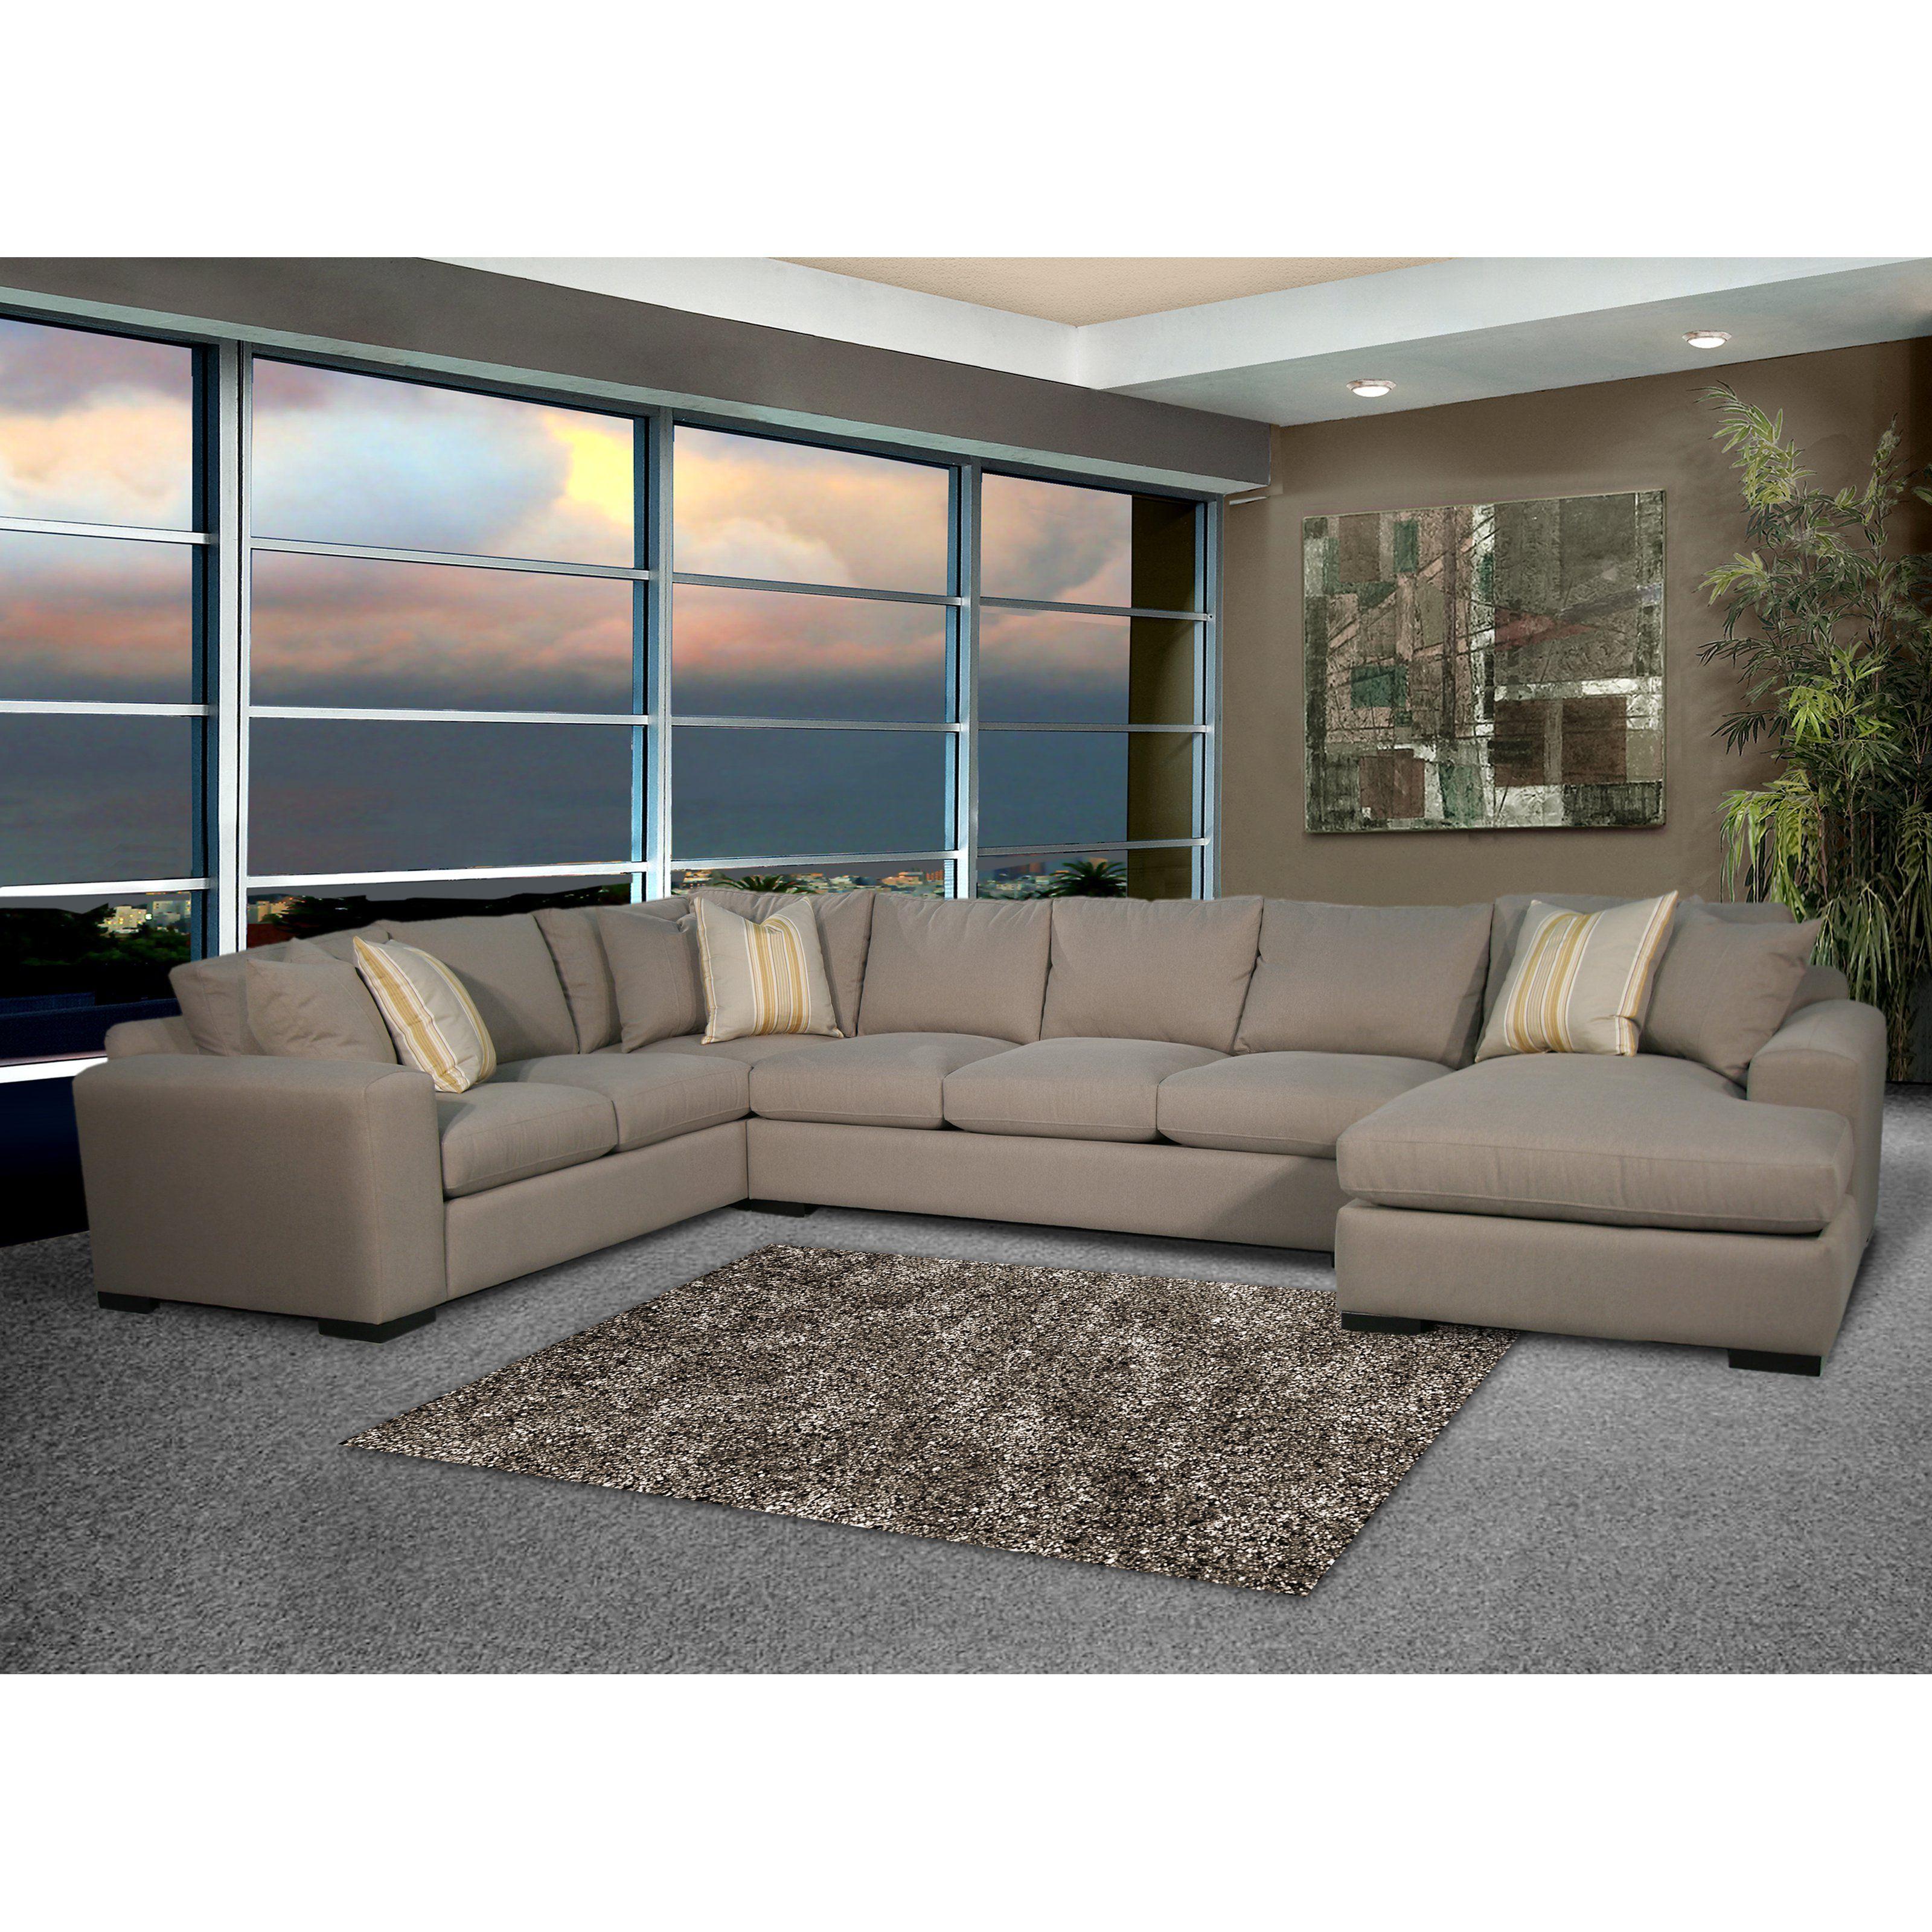 Fairmont Designs Venetzia 3 Piece Sectional Sofa With Chaise Lounge D3601 13l3305r Dawpla